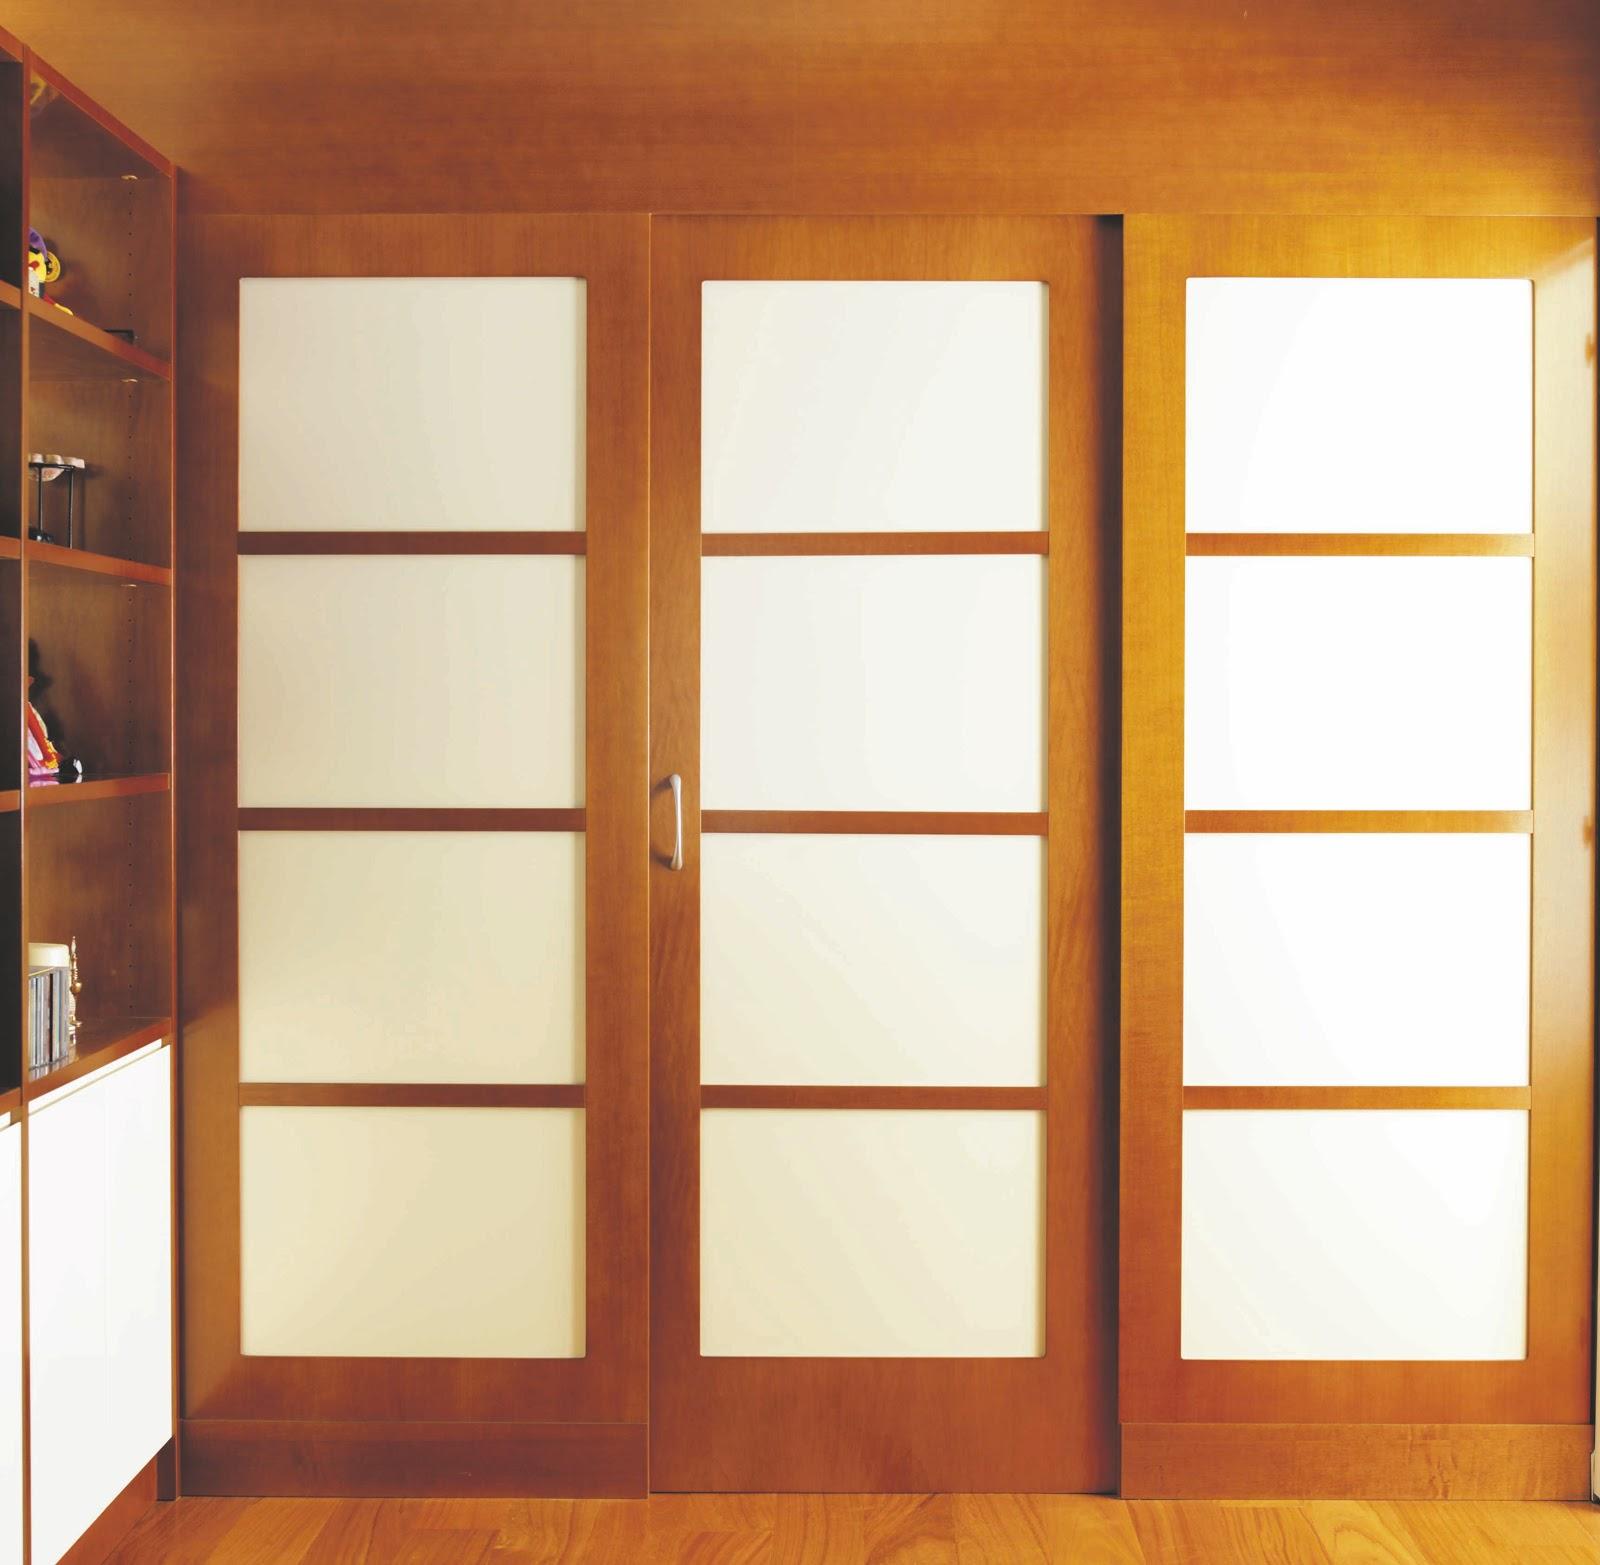 Balda especialistas en decoraci n y mobiliario a medida for Puertas japonesas